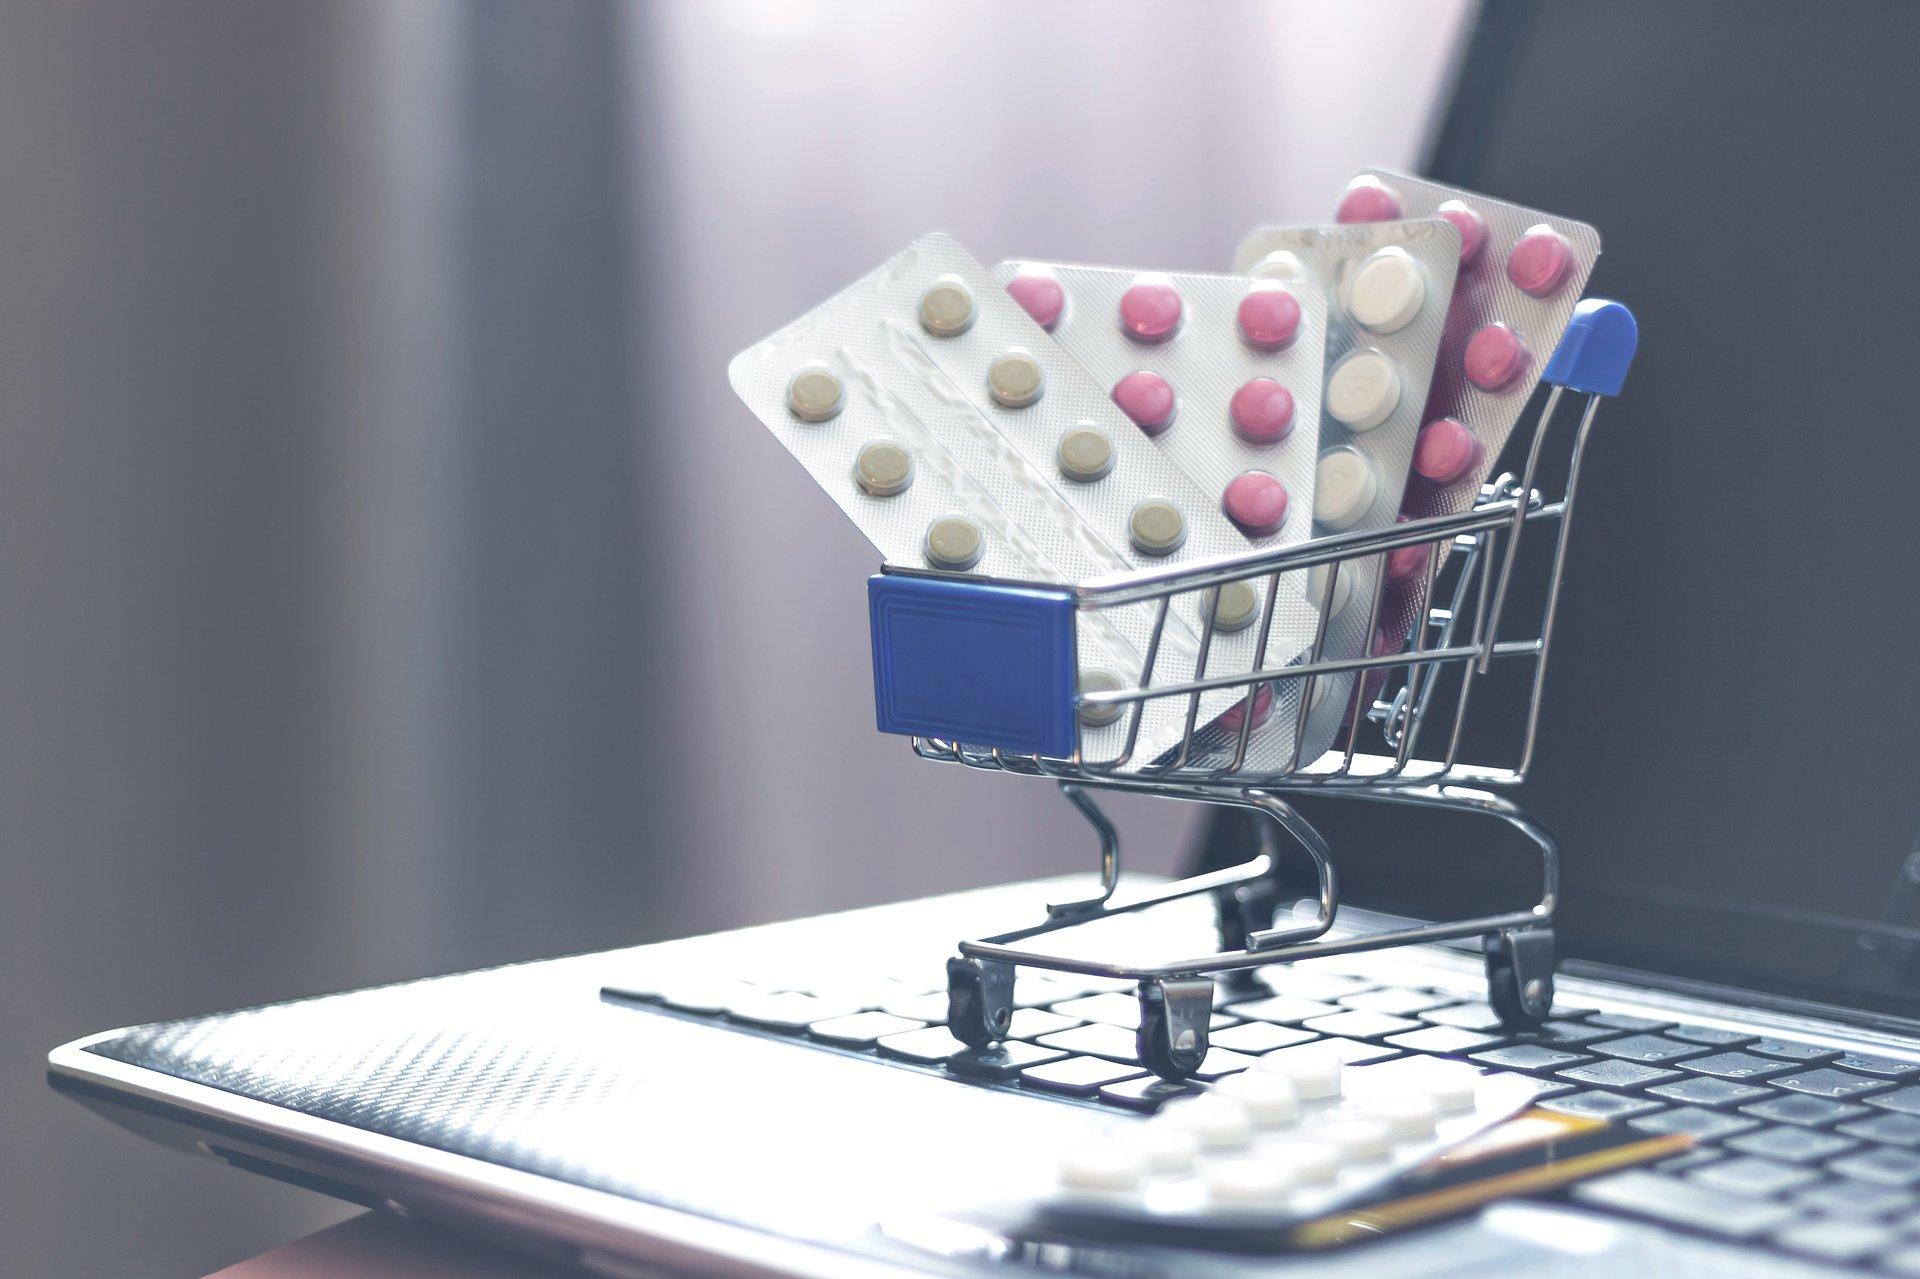 Sprzedaż apteczna wreszcie idzie w górę. Optymistyczne dane Pex PharmaSequence